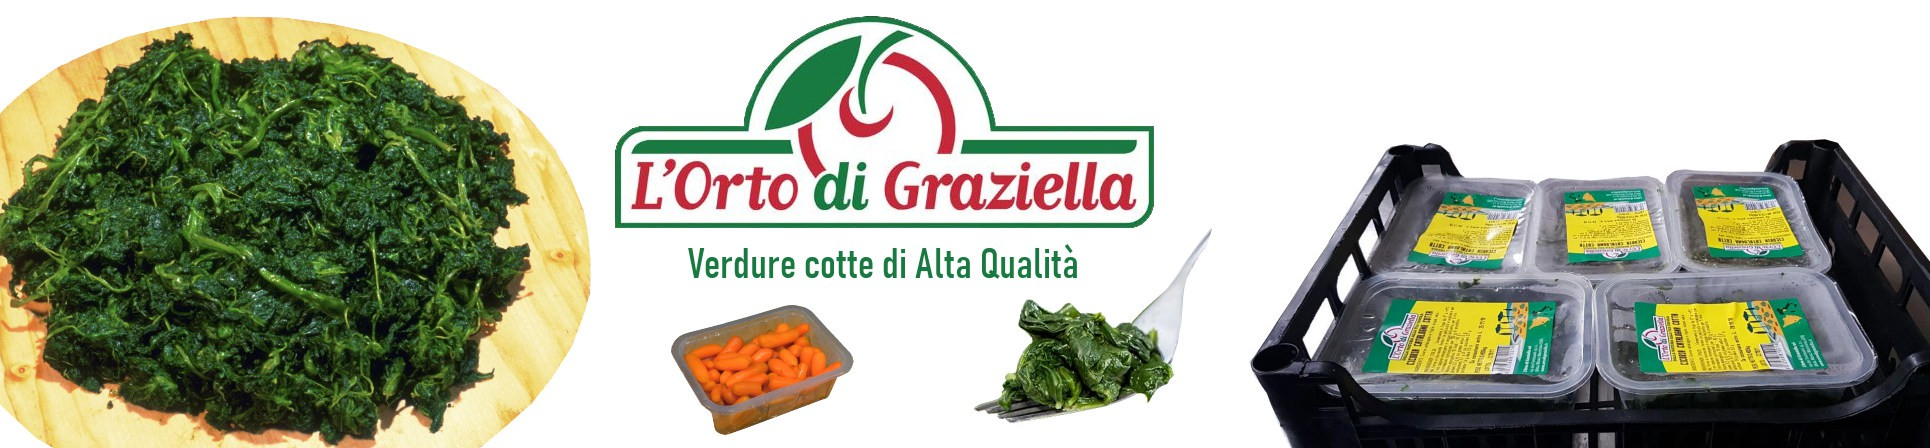 B2B GUSTOX - il Marketplace all'ingrosso delle eccellenze agroalimentari italiane - Verdure Cotte - L'ORTO DI GRAZIELLA